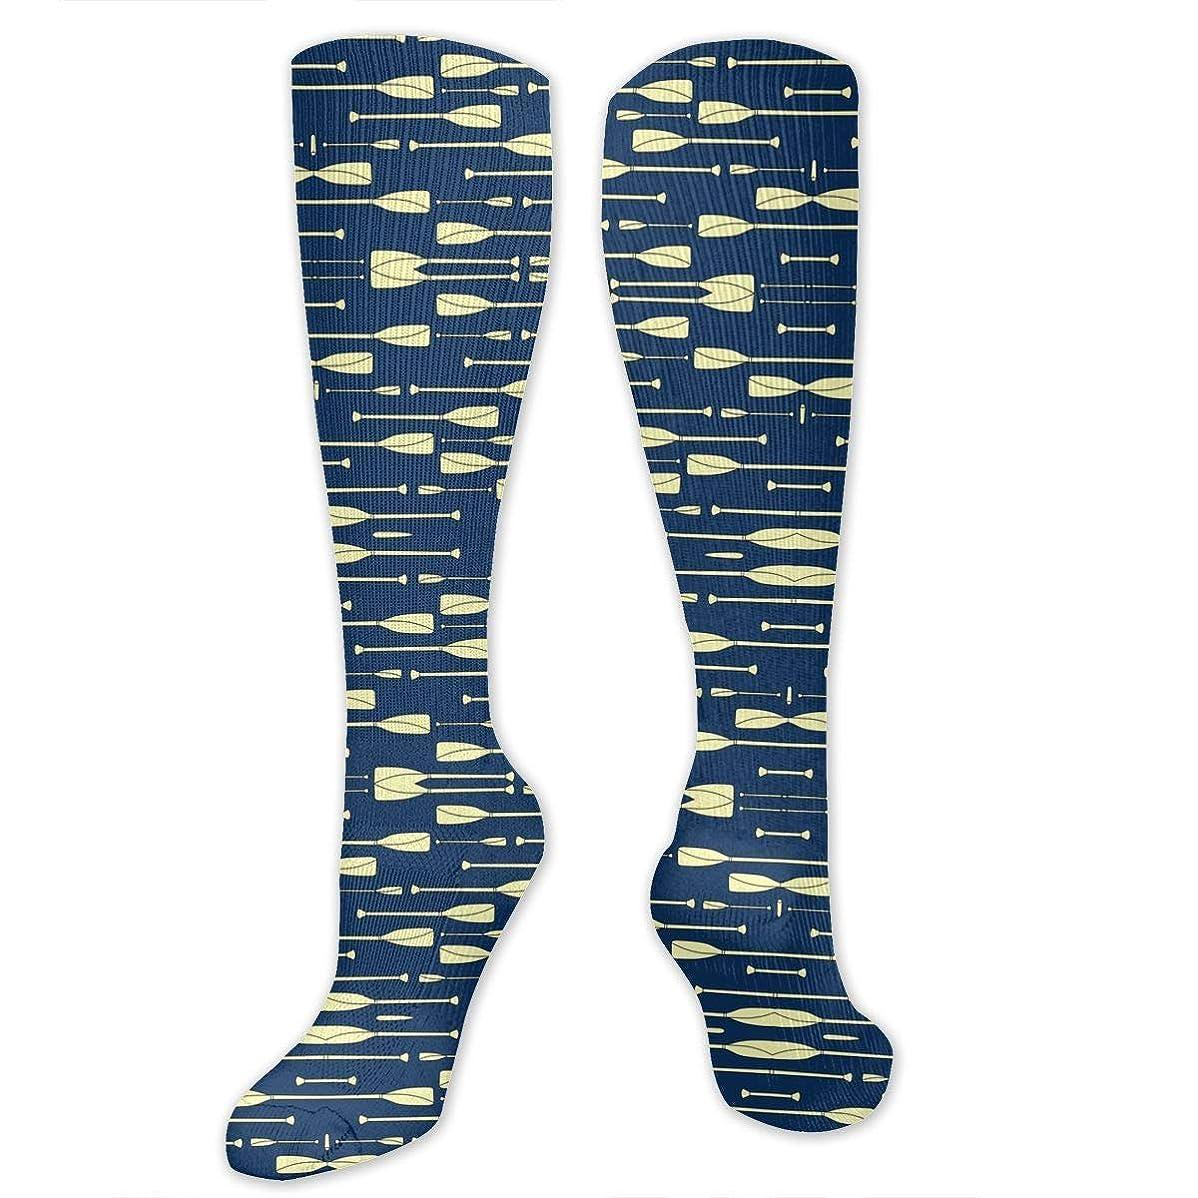 ナプキン近代化バーベキュー靴下,ストッキング,野生のジョーカー,実際,秋の本質,冬必須,サマーウェア&RBXAA Rowing Oars Navy and Cream Socks Women's Winter Cotton Long Tube Socks Cotton Solid & Patterned Dress Socks